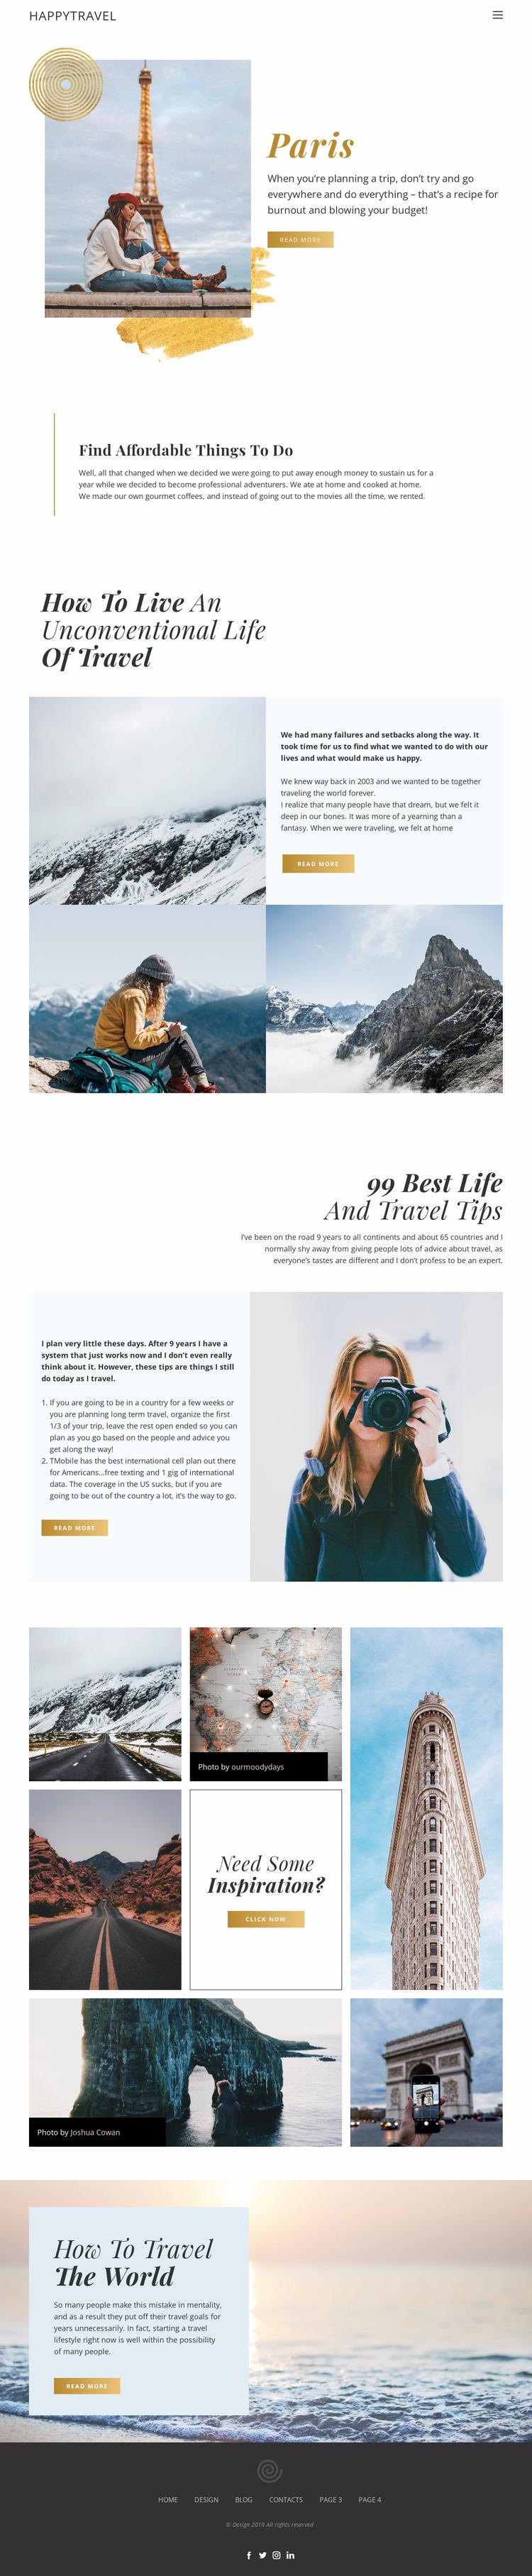 Travel Live Website Mockup